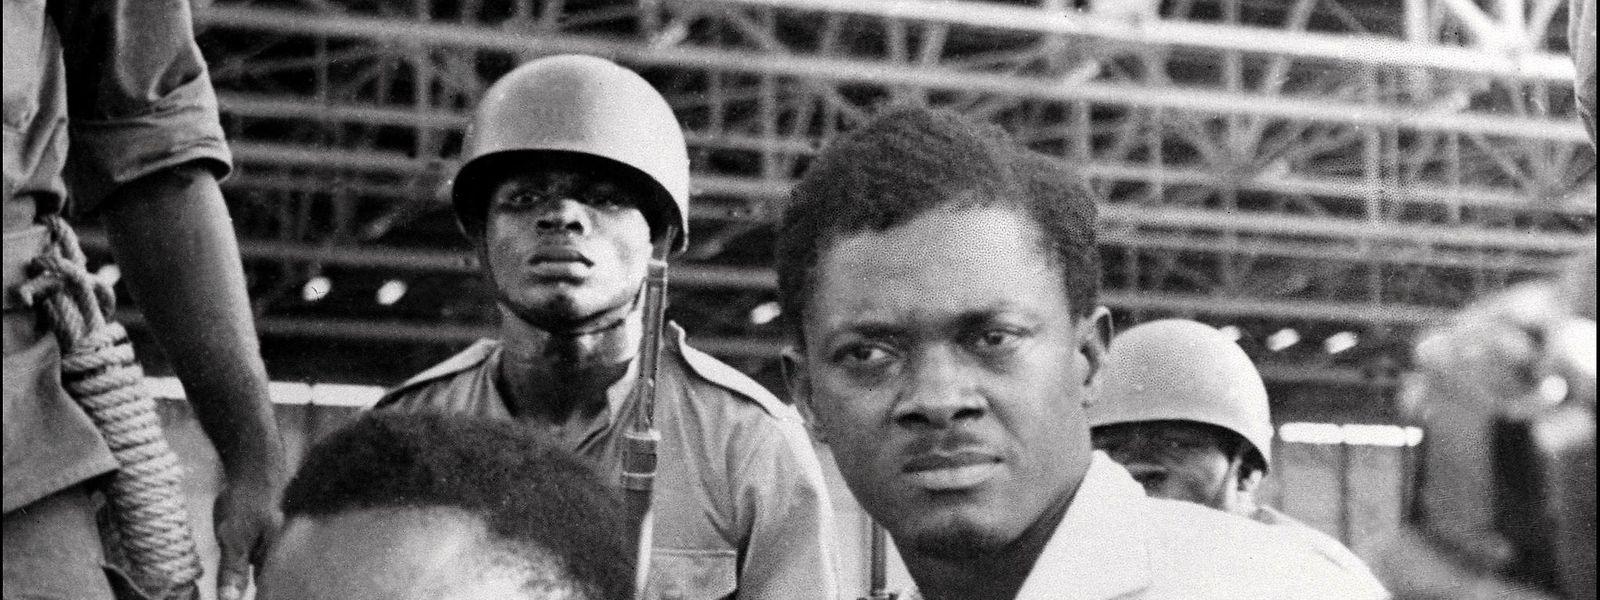 Le roi des Belges a exprimé pour la première fois des «regrets» pour le passé colonial en RDC.